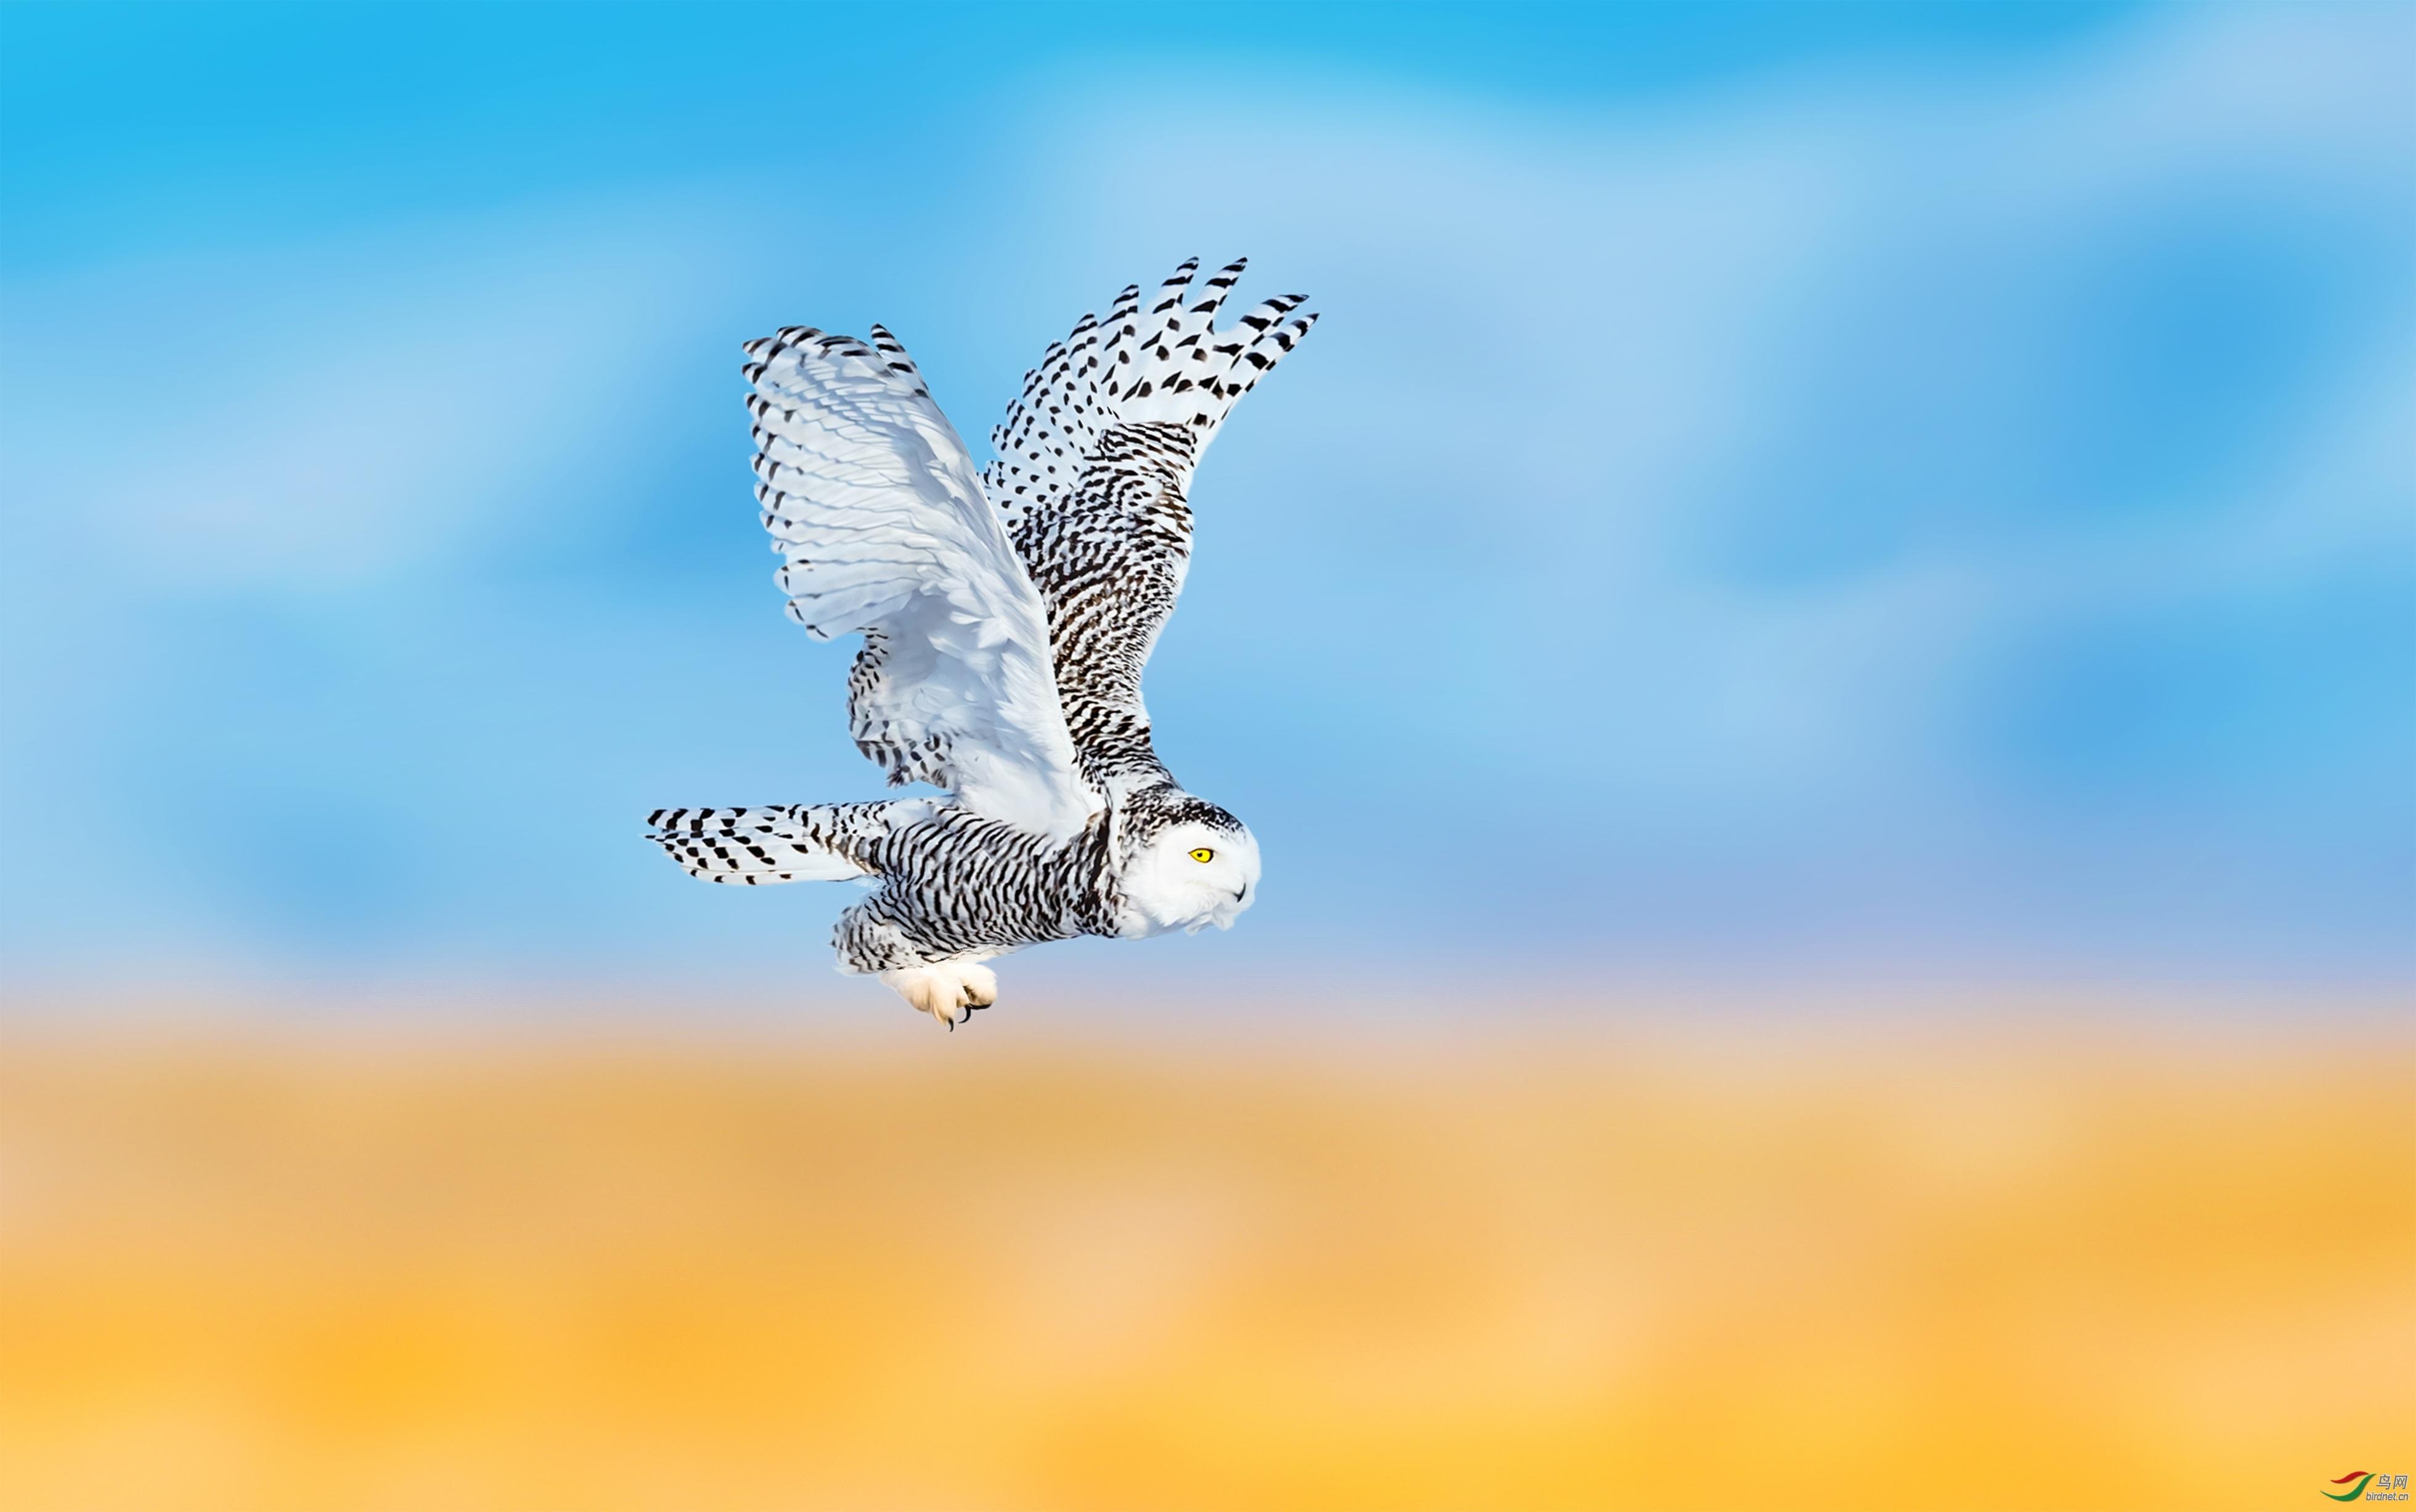 晨光-20202657.雪鸮 (11).jpg